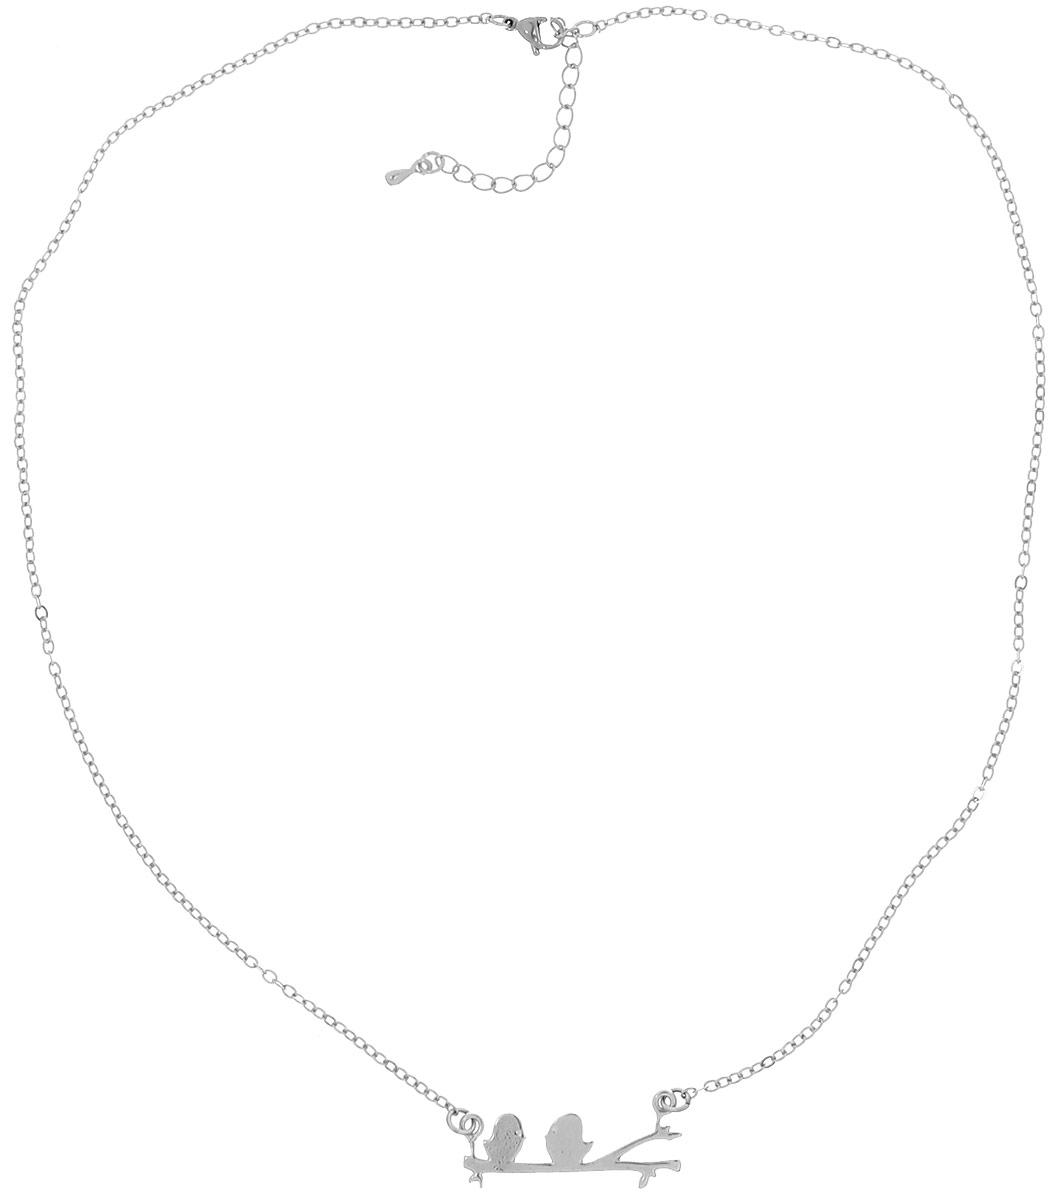 Jenavi, Коллекция Young 2, Хэмс (Кулон), цвет - серебряныйf677f990Коллекция Young 2, Хэмс (Кулон) гипоаллергенный ювелирный сплав,Серебрение c род. , вставка без вставок, цвет - серебряный